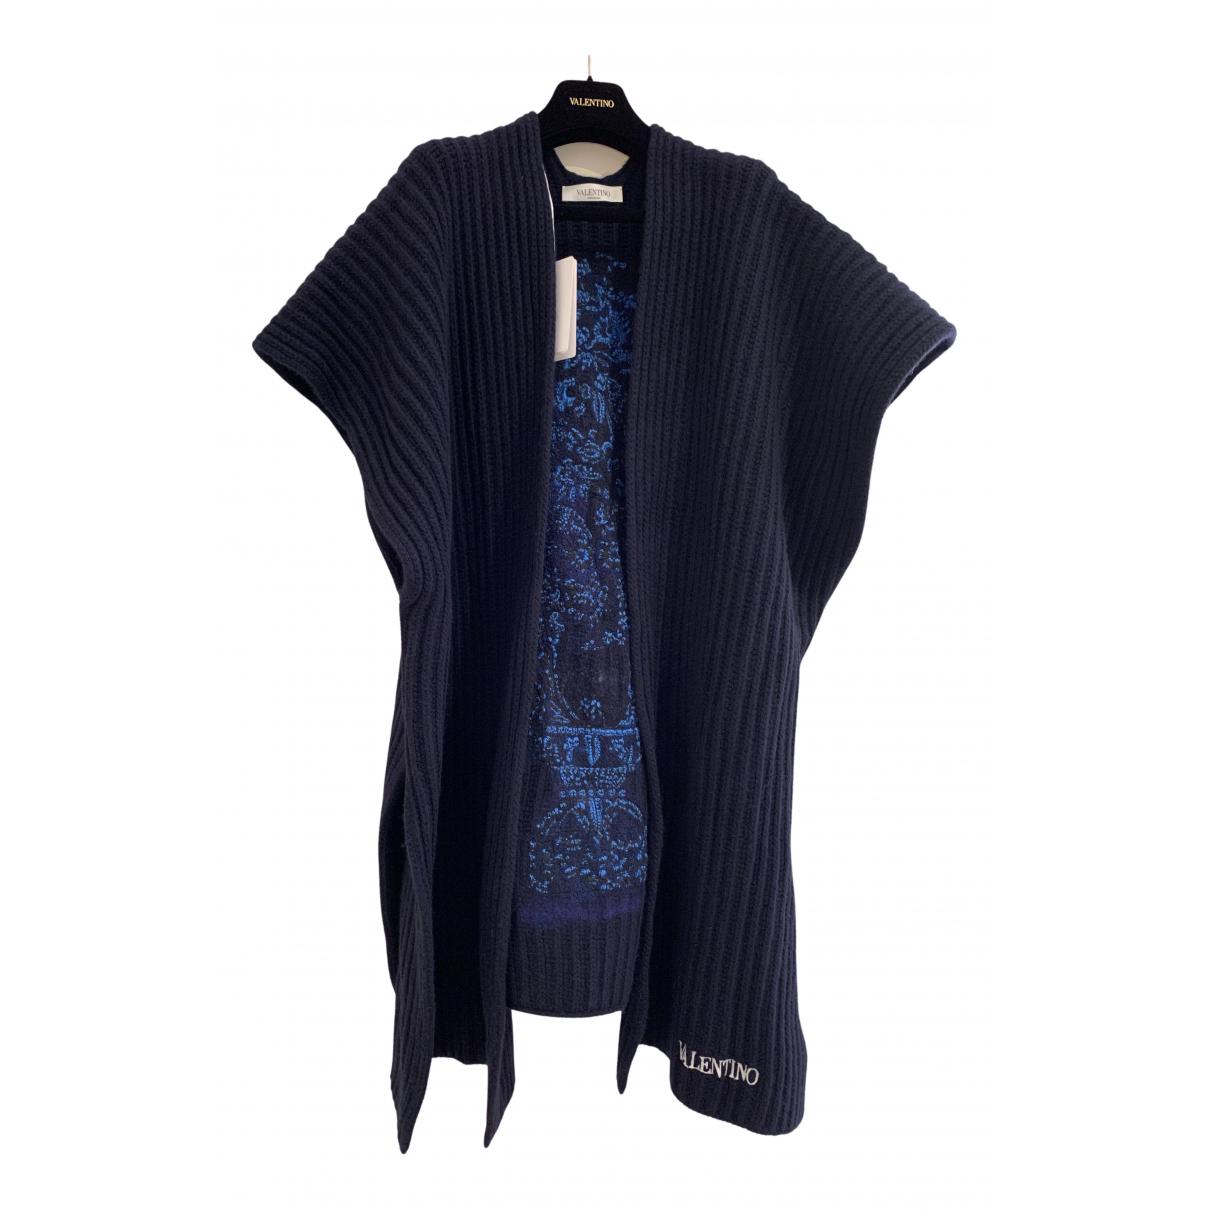 Valentino Garavani - Pull   pour femme en cachemire - bleu